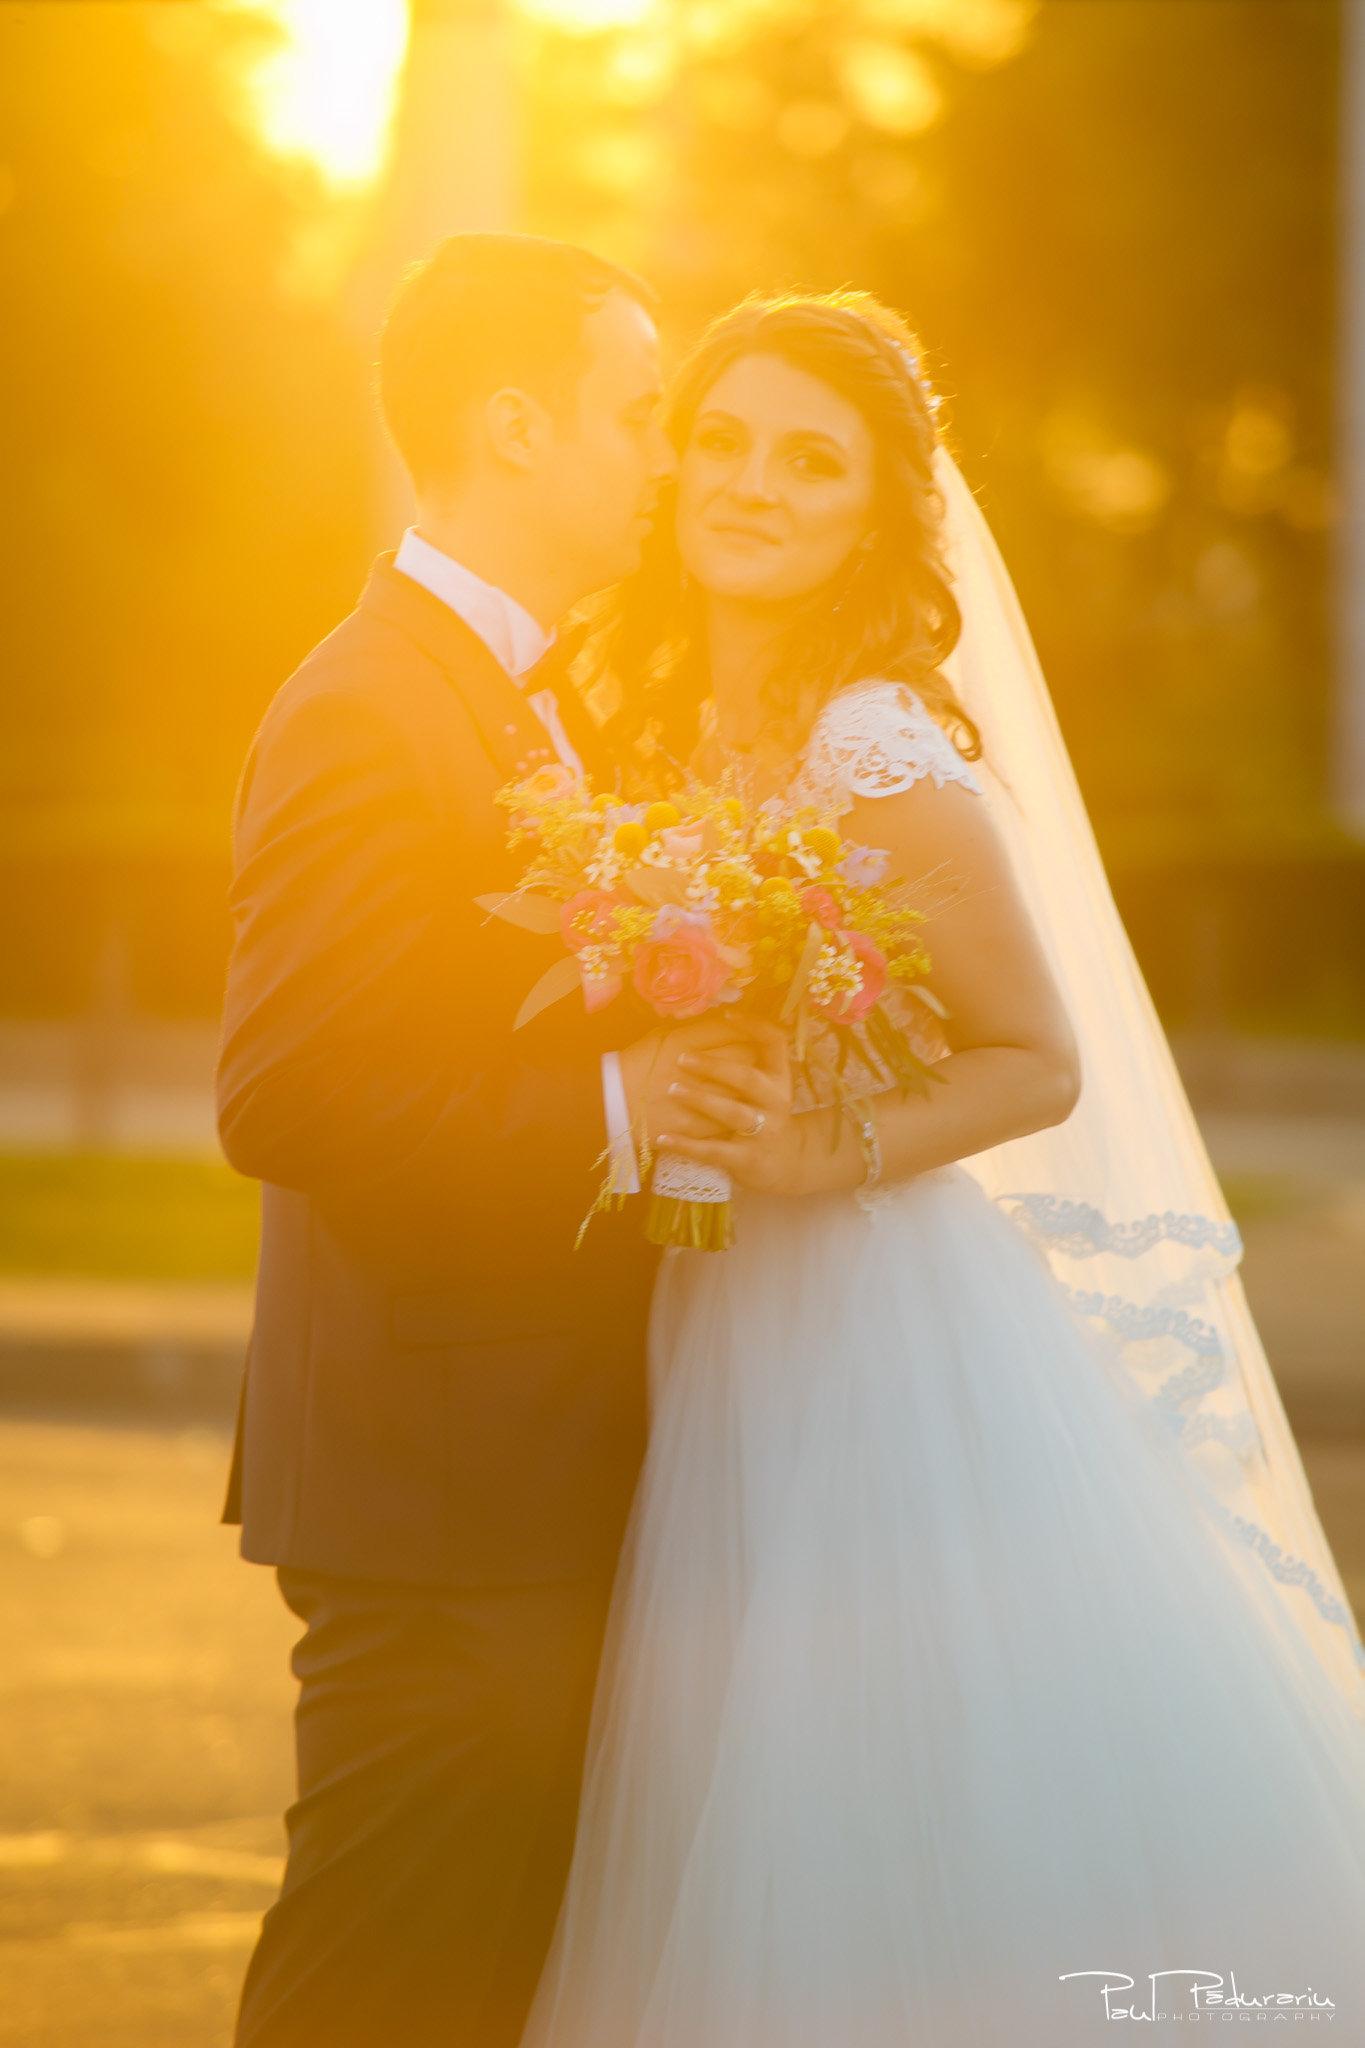 Alexandra si Vlad sedinta foto mire mireasa Palatul Culturii fotograf de nunta iasi www.paulpadurariu.ro © 2017 Paul Padurariu cadru miri apus